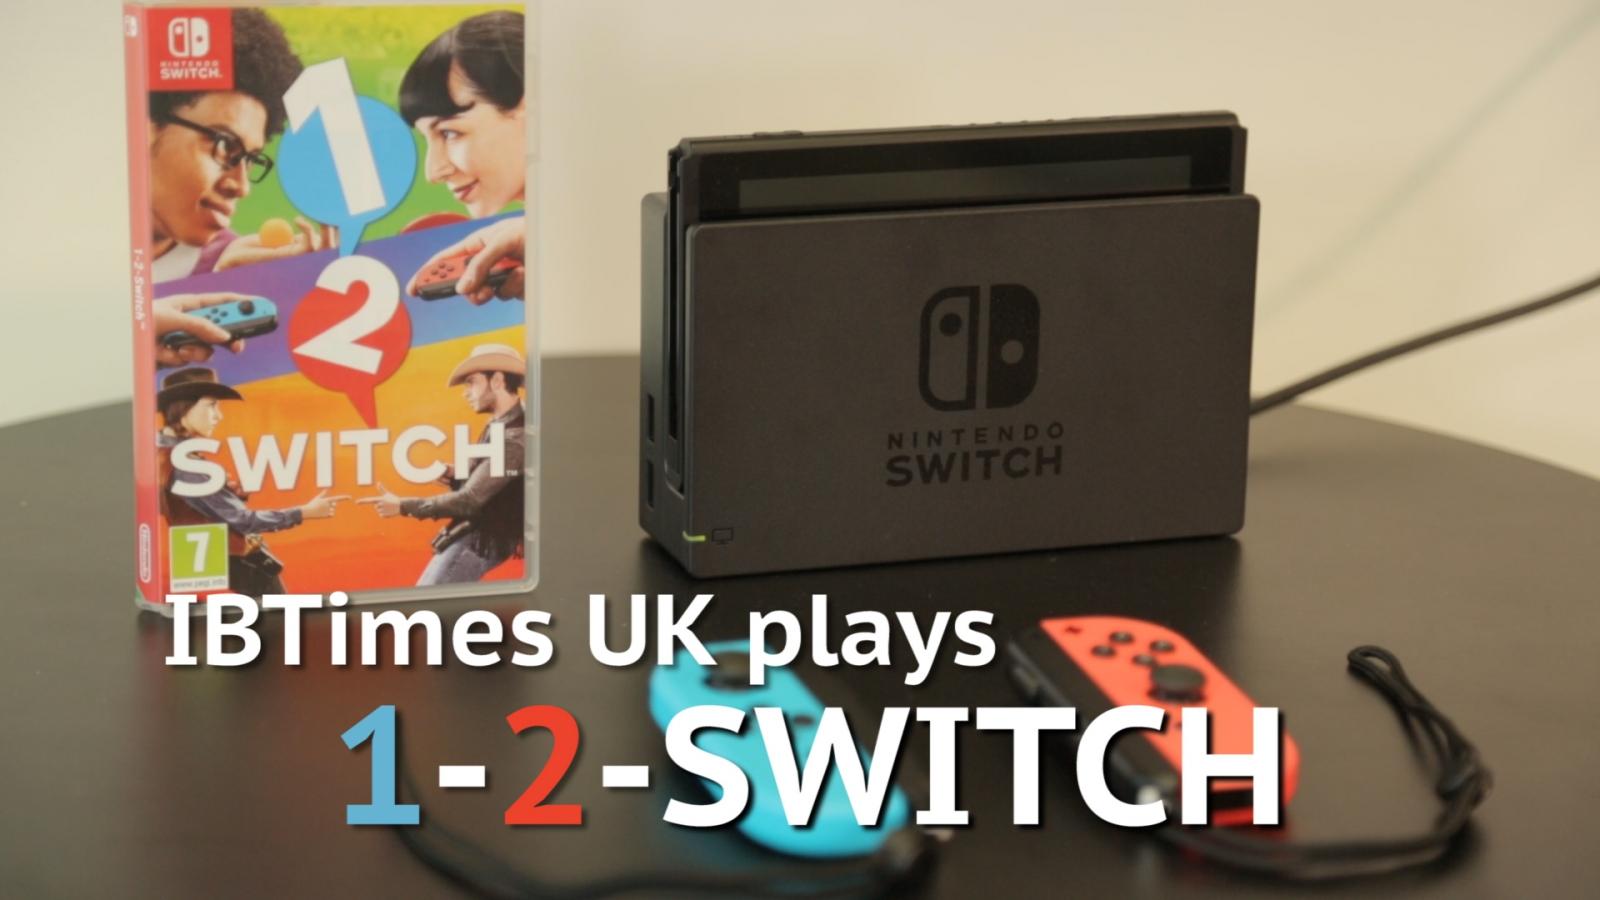 IBTimes UK tries 1-2-Switch on Nintendo Switch